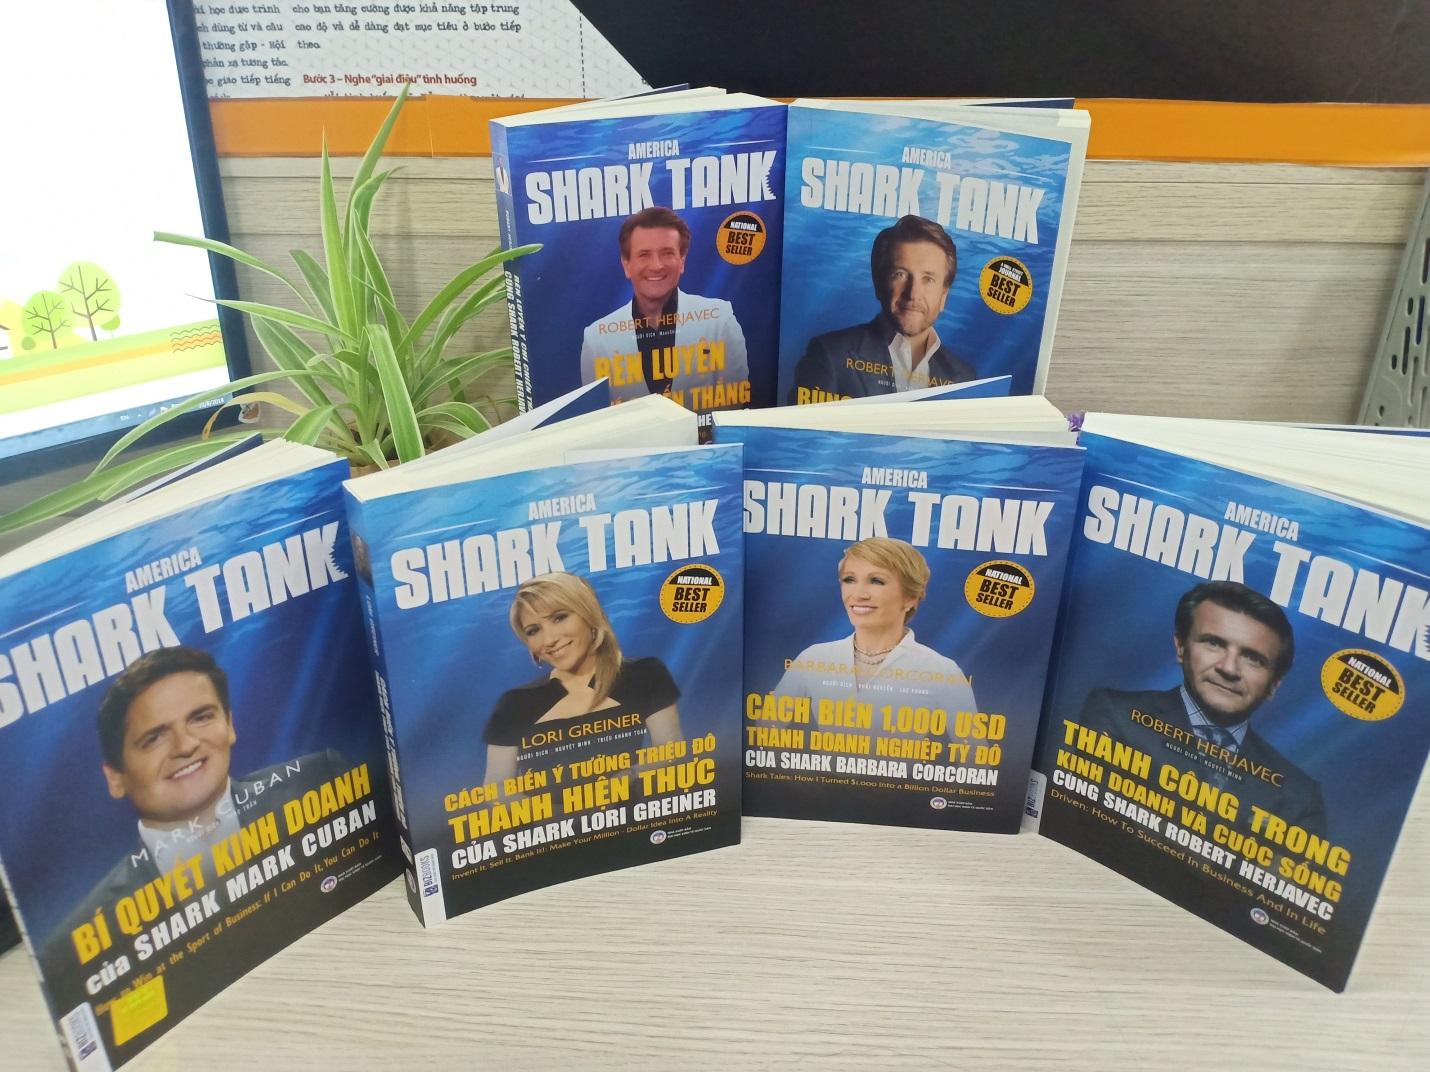 Shark Hưng: Từ review thú vị về bộ sách America Shark Tank đến lời khuyên start up thực tế - Ảnh 2.